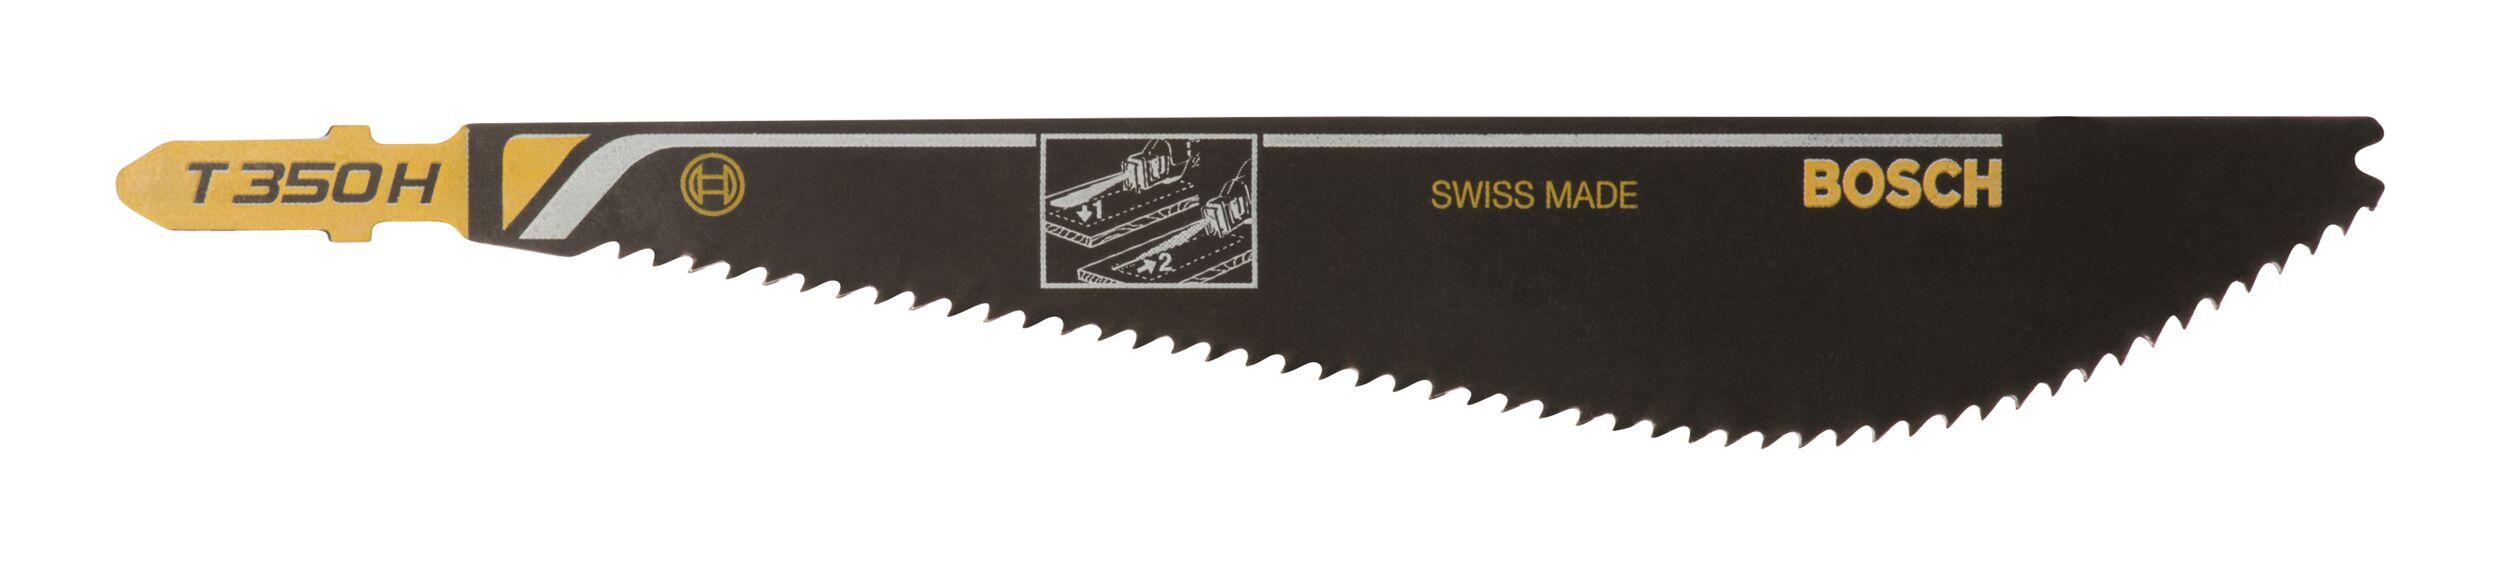 Zubehör T 350 H 152 Eintauch- und Geradschnittsägeblatt - 2er-Pack